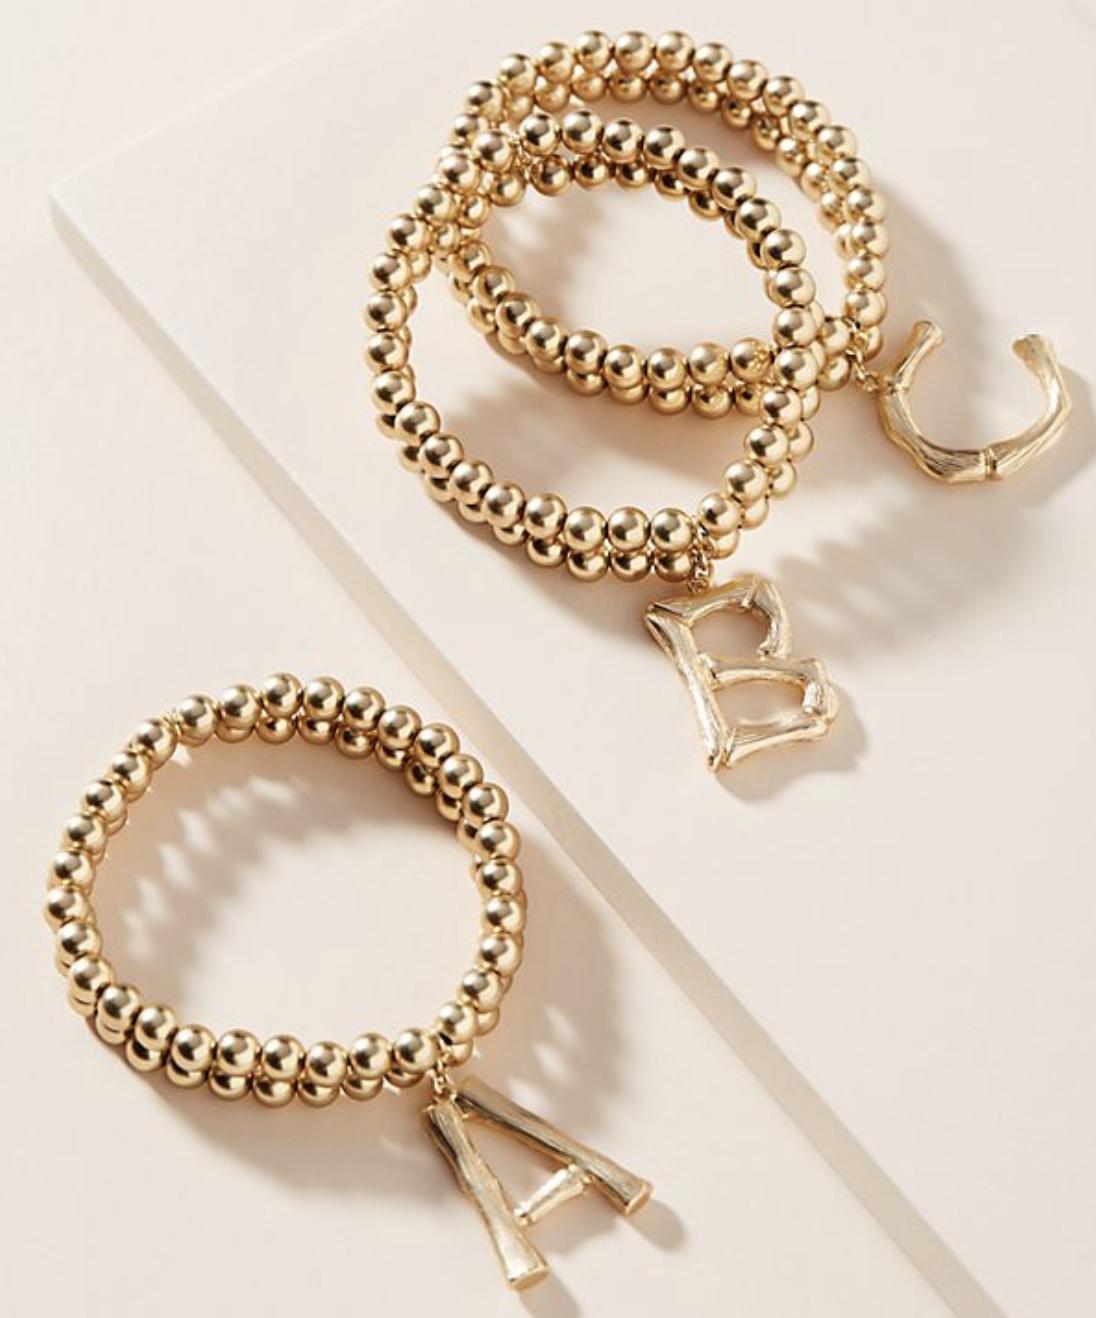 Initial Bracelet kellyelko.com #initial #monogram #jewelry #bracelets